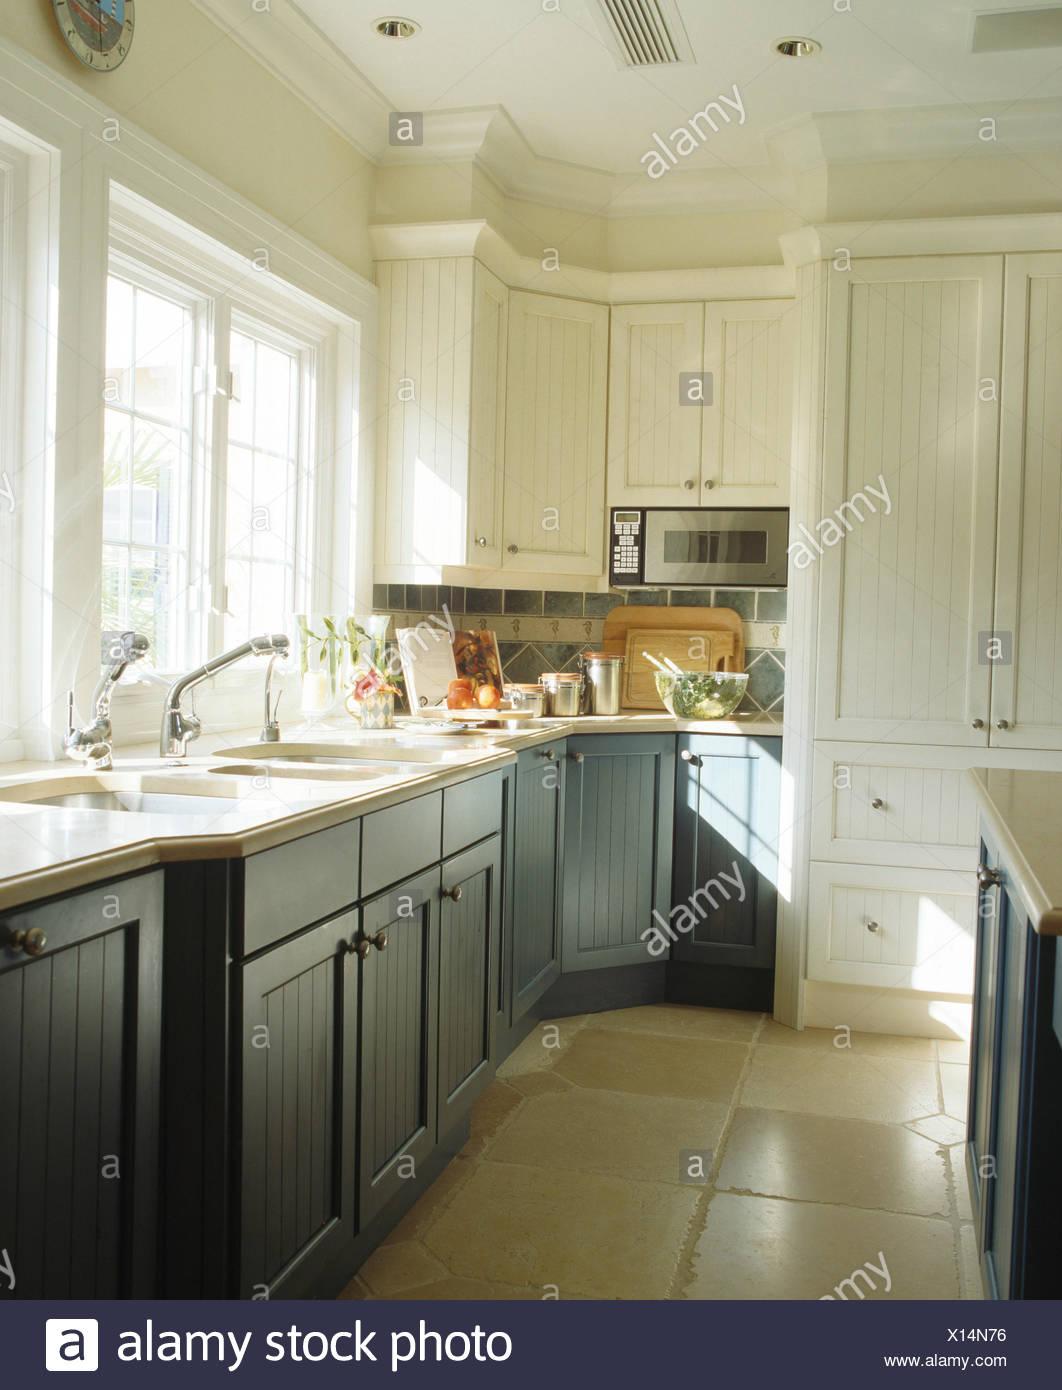 Blau-grau Einbauschränke in weiße Küche mit Stein Fliesen Boden ...